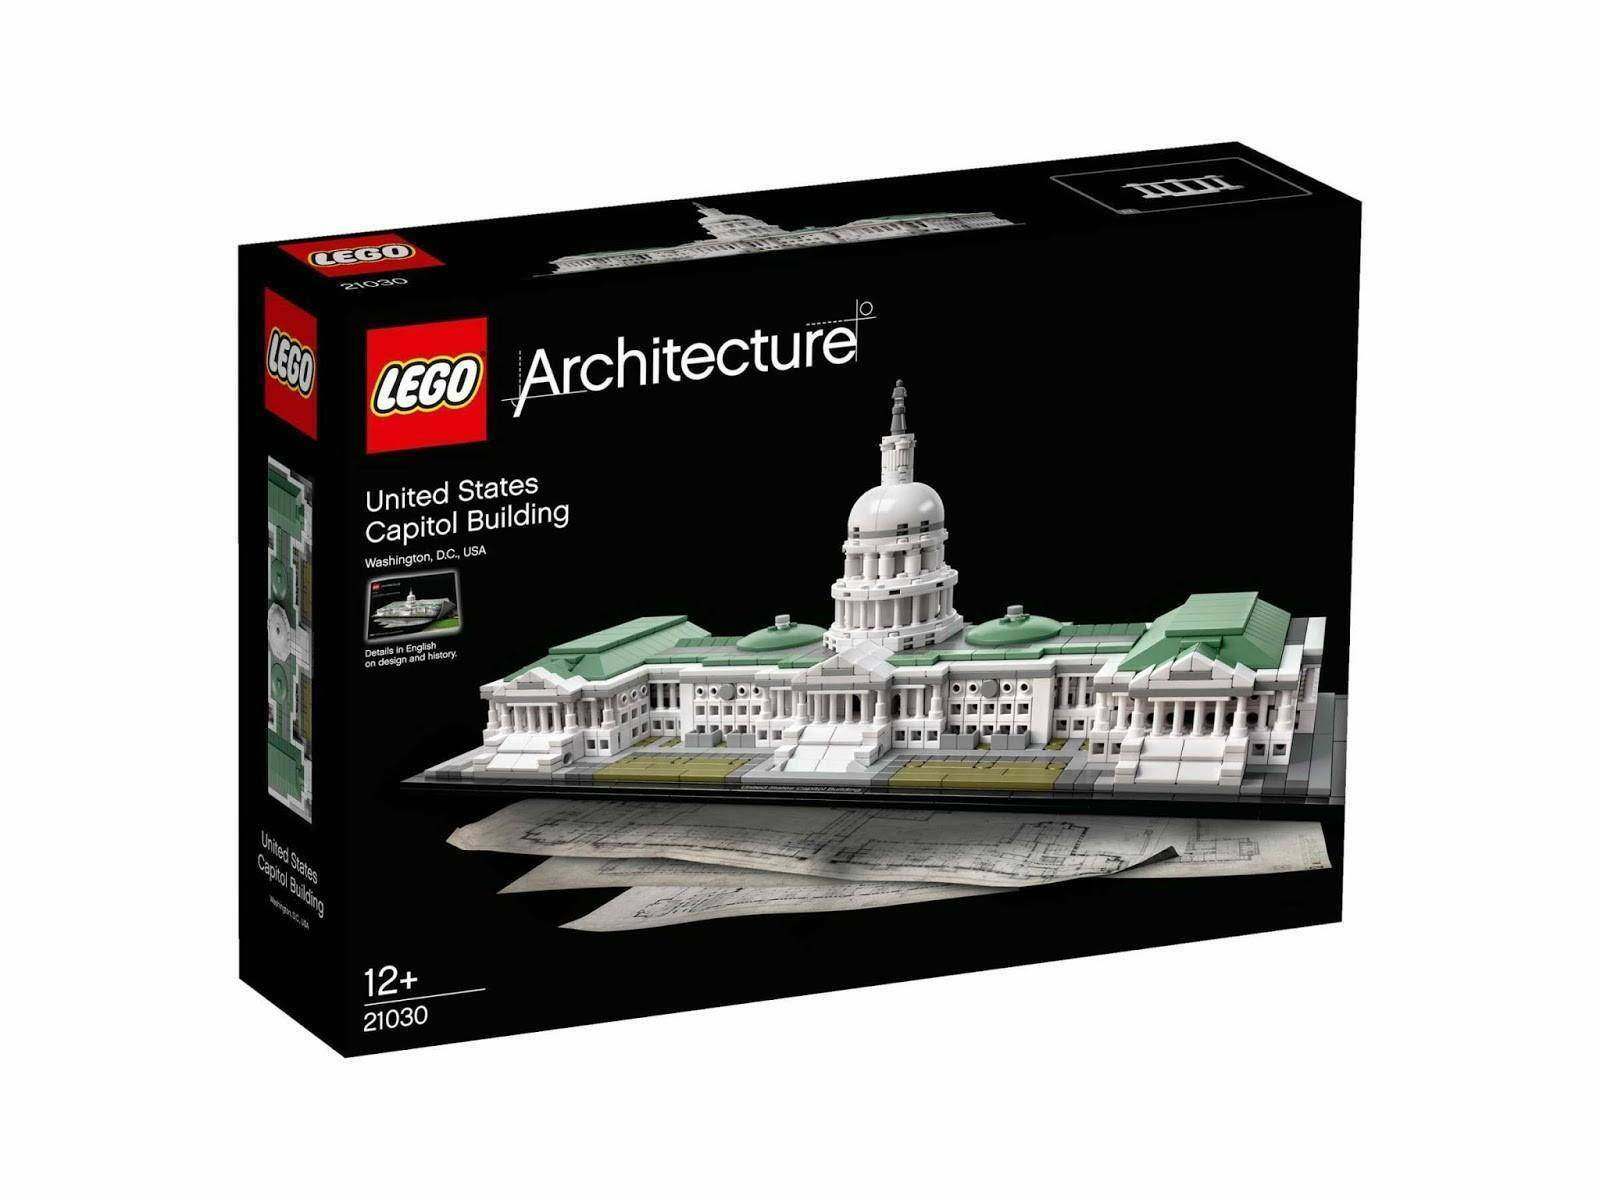 lego campidoglio di washington lego architecture 21030